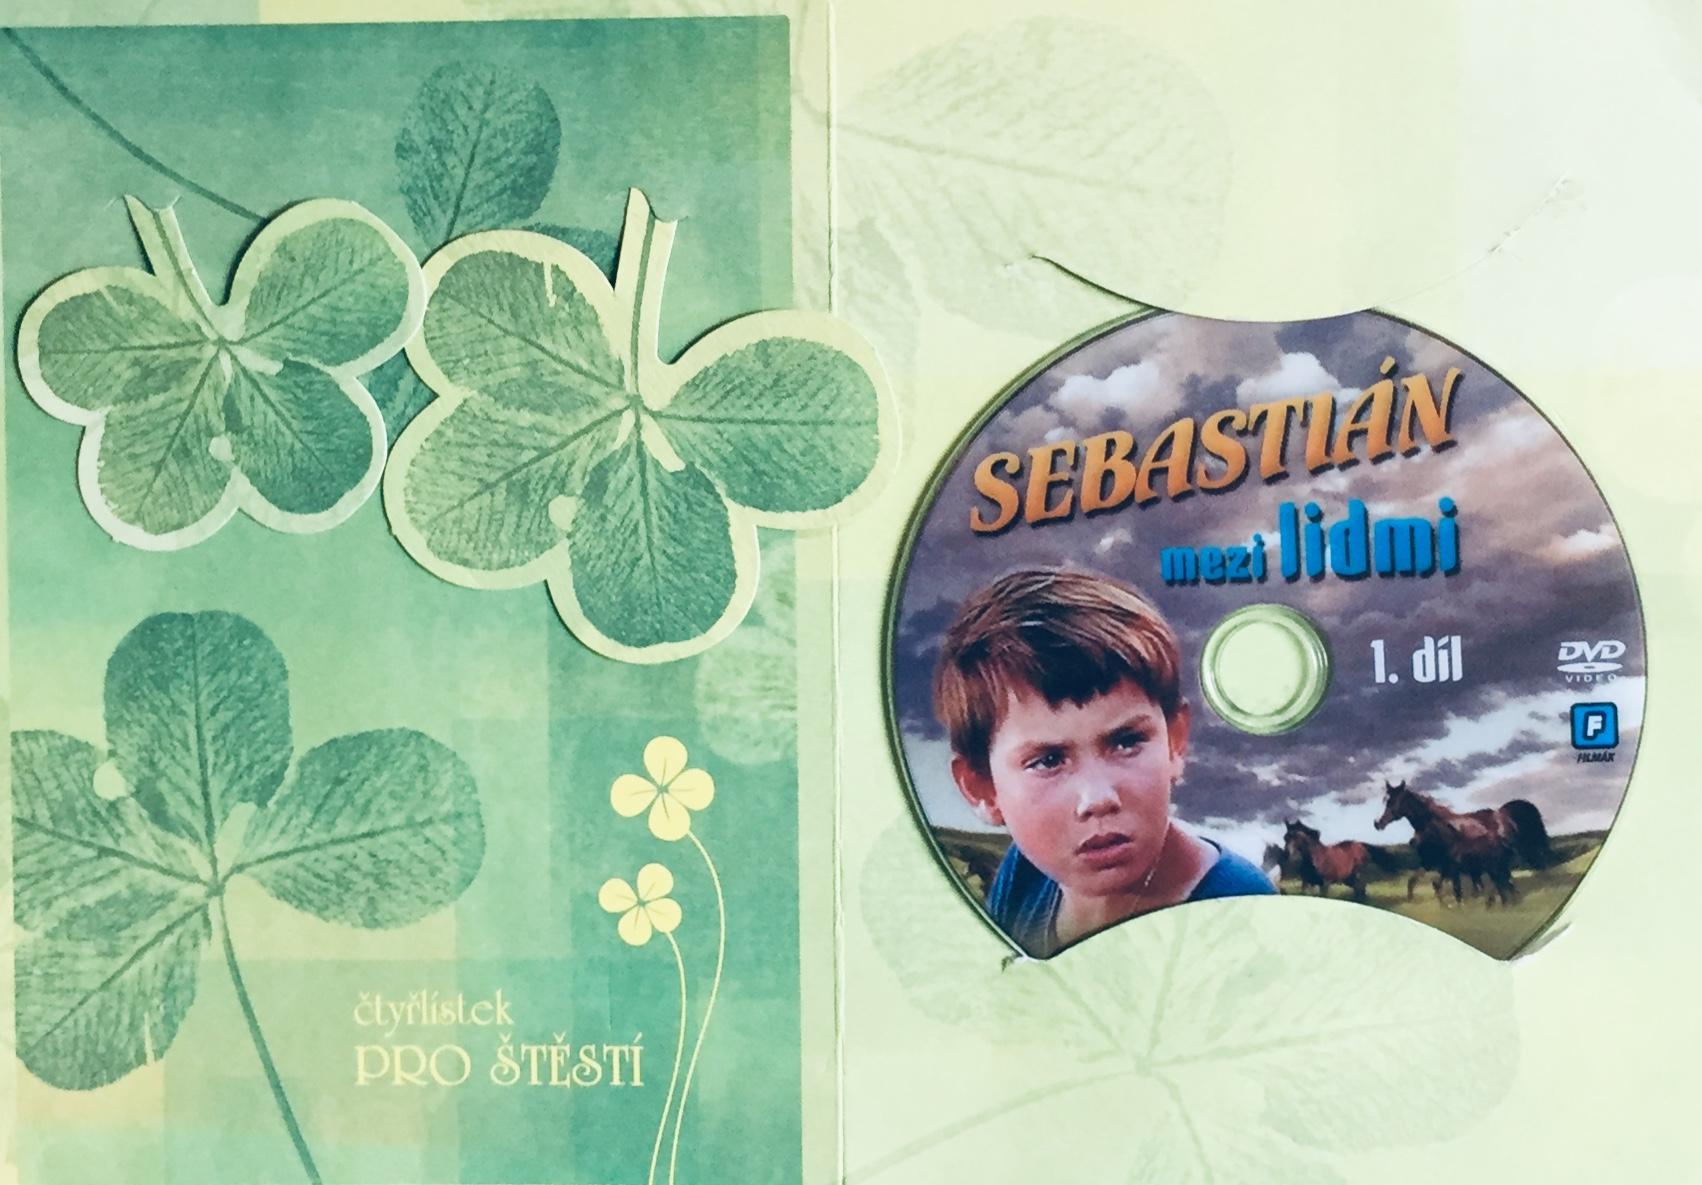 Sebastián mezi lidmi - 1. díl - DVD /dárkový obal/